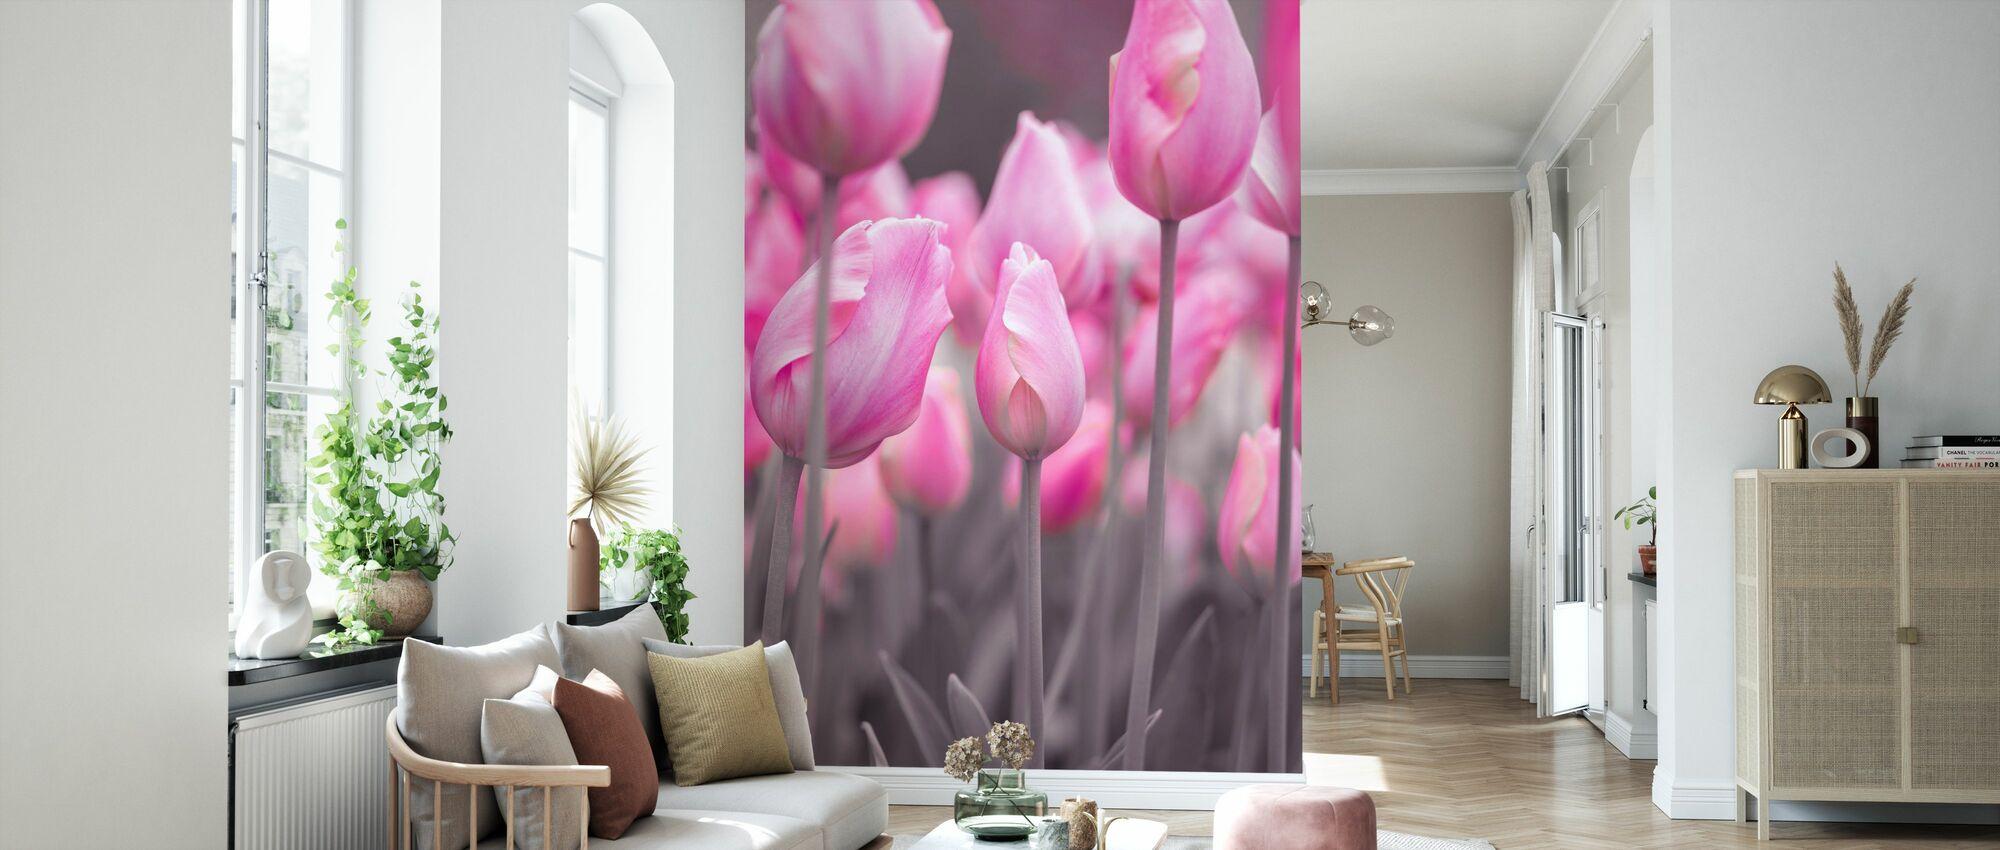 Kuekenhof - Wallpaper - Living Room